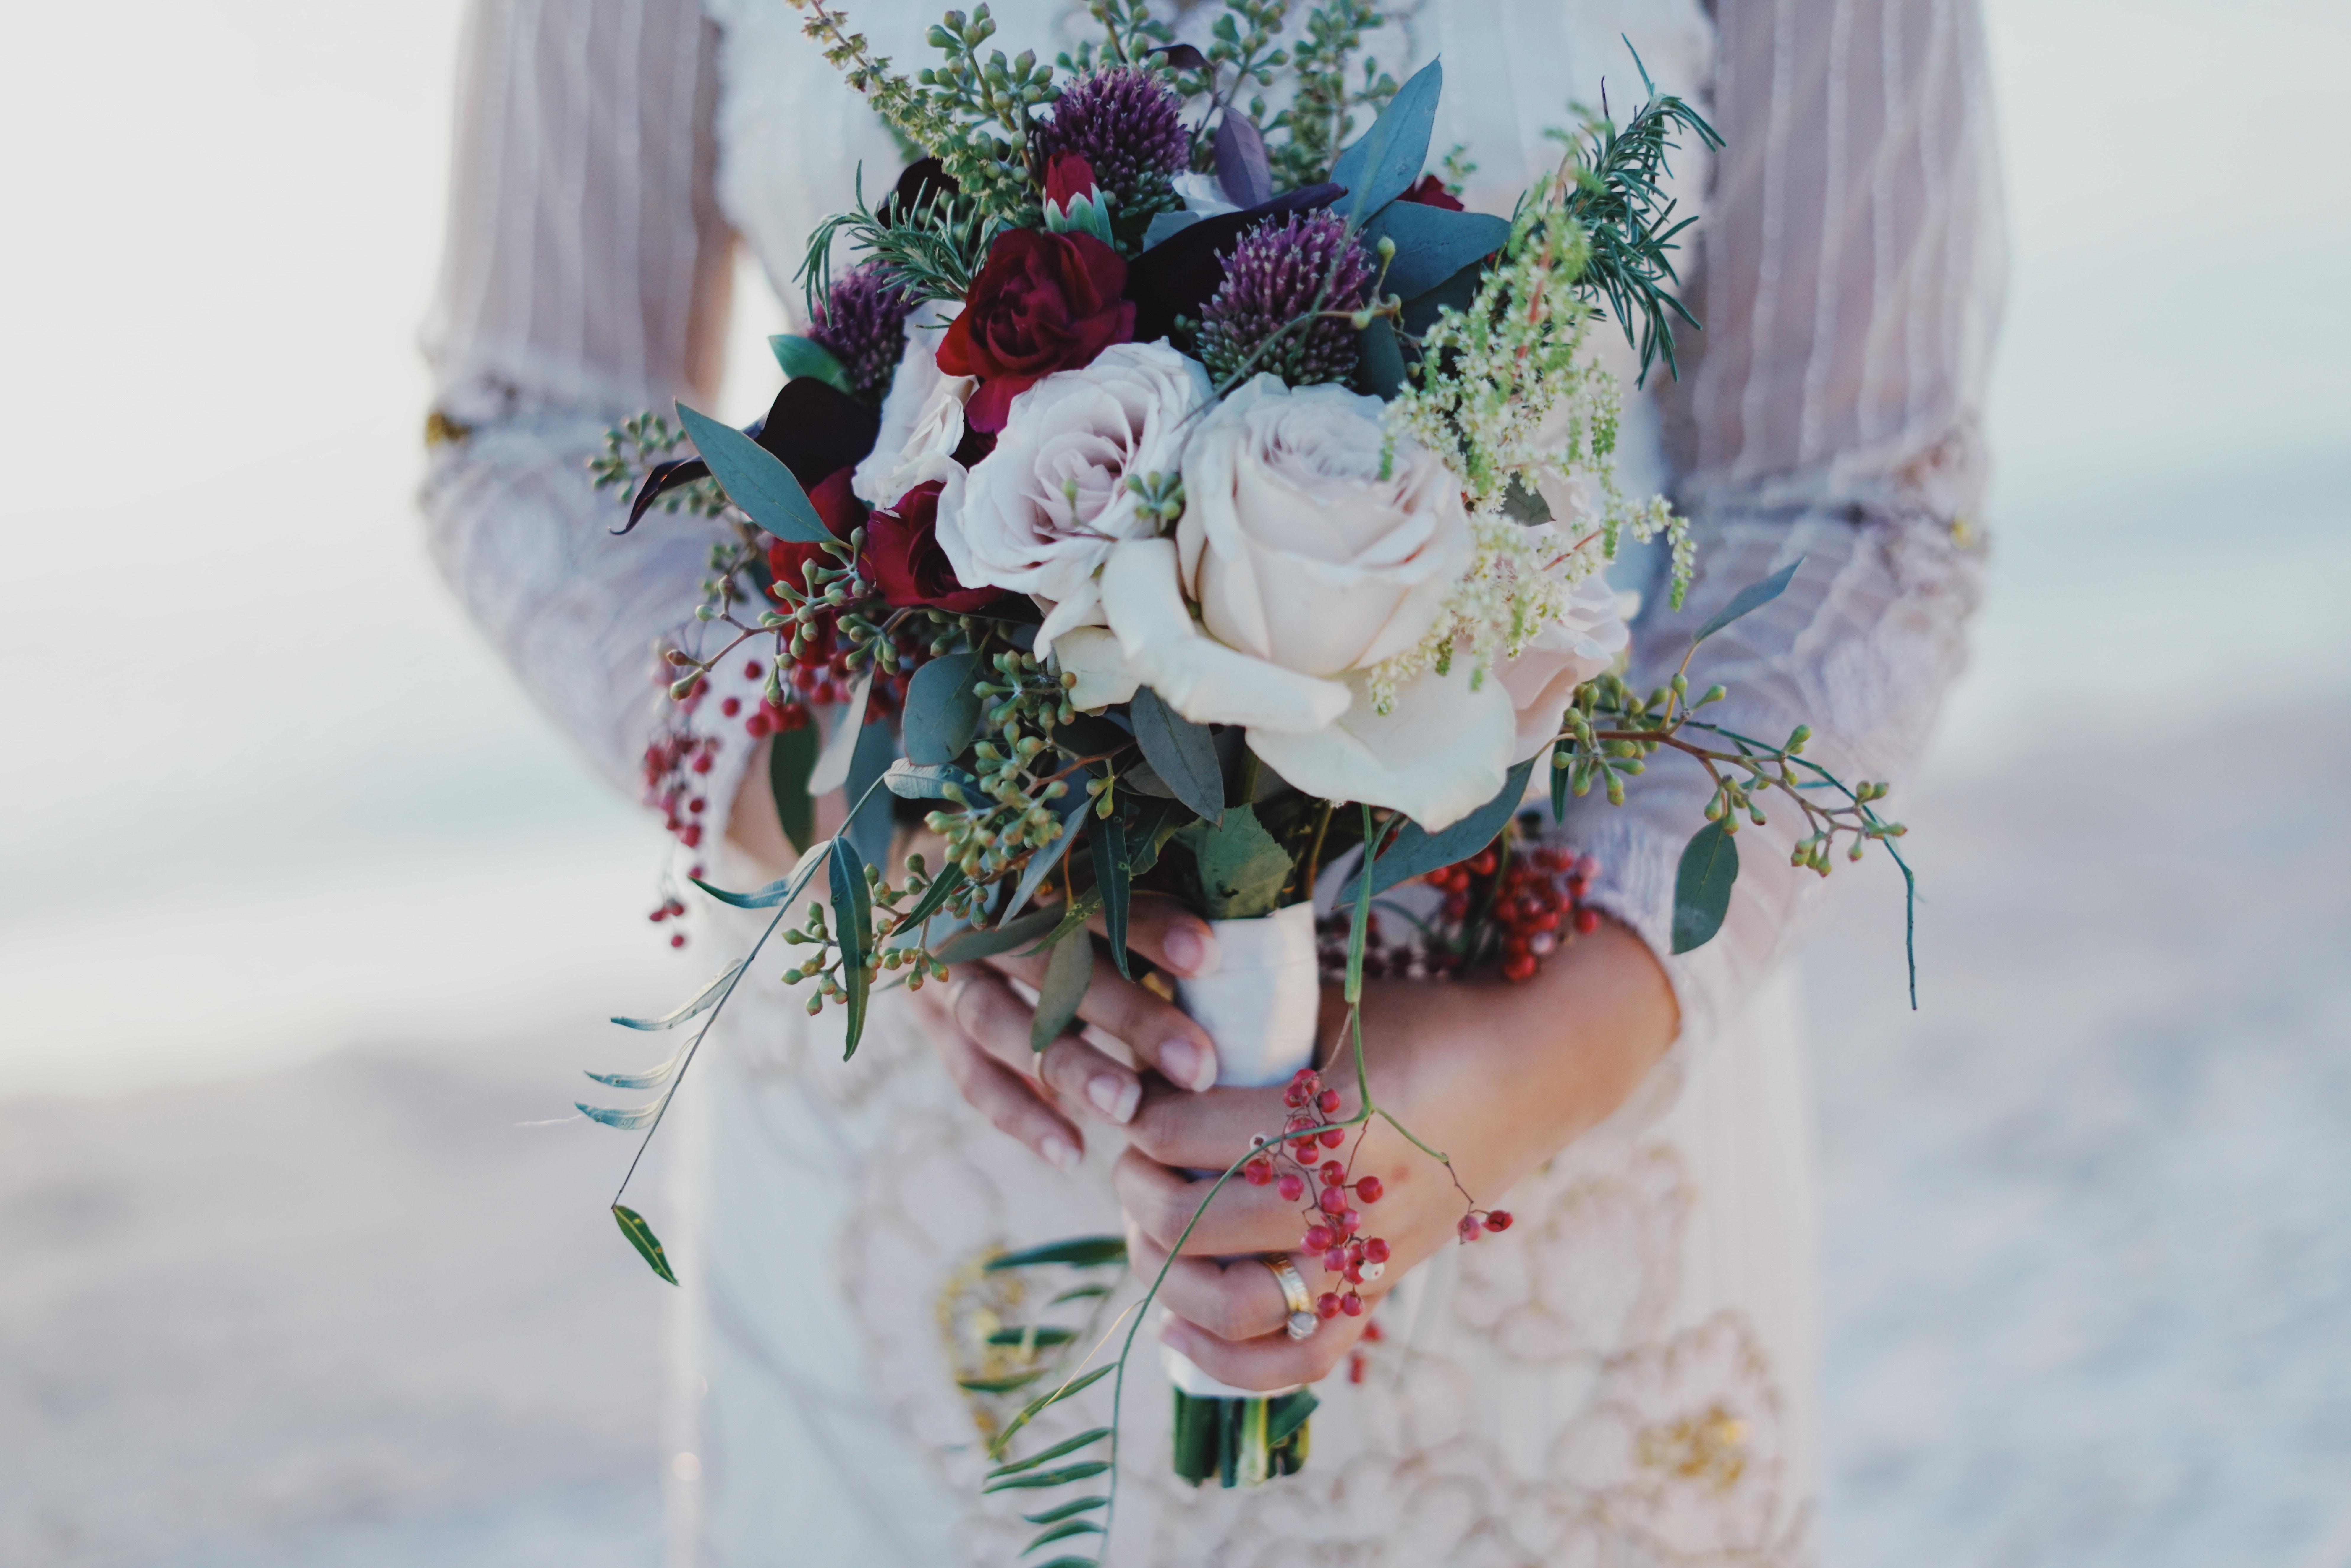 Poze Frumoasa înflorit De Mireasă Celebrare Ceremonie A